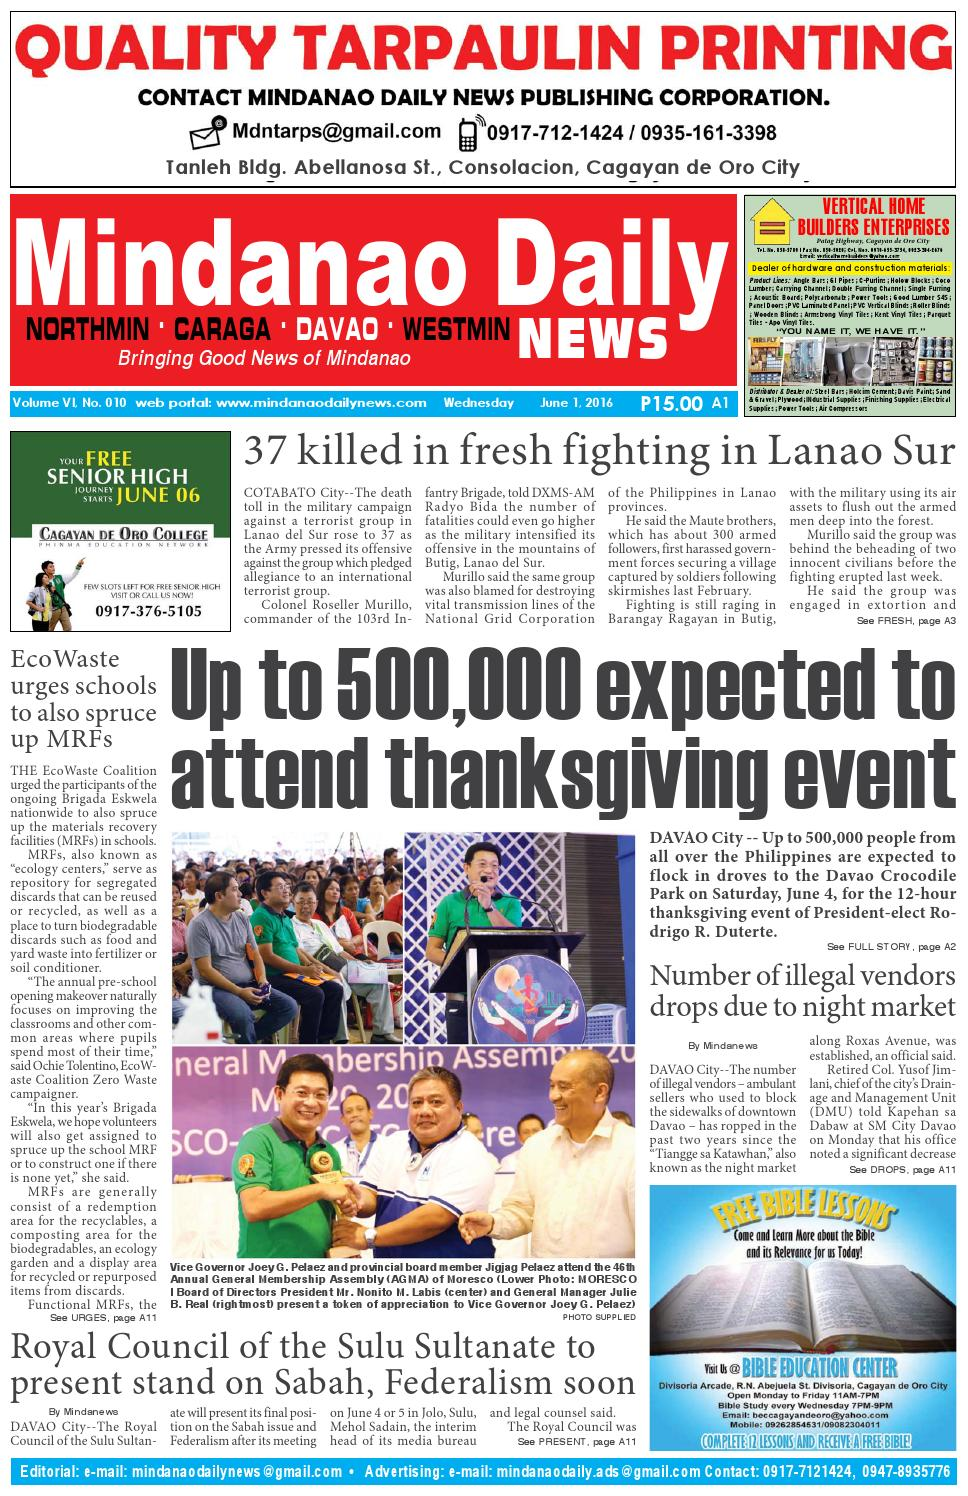 Mindanao Daily Davao (June 1, 2016) by Mindanao Daily News